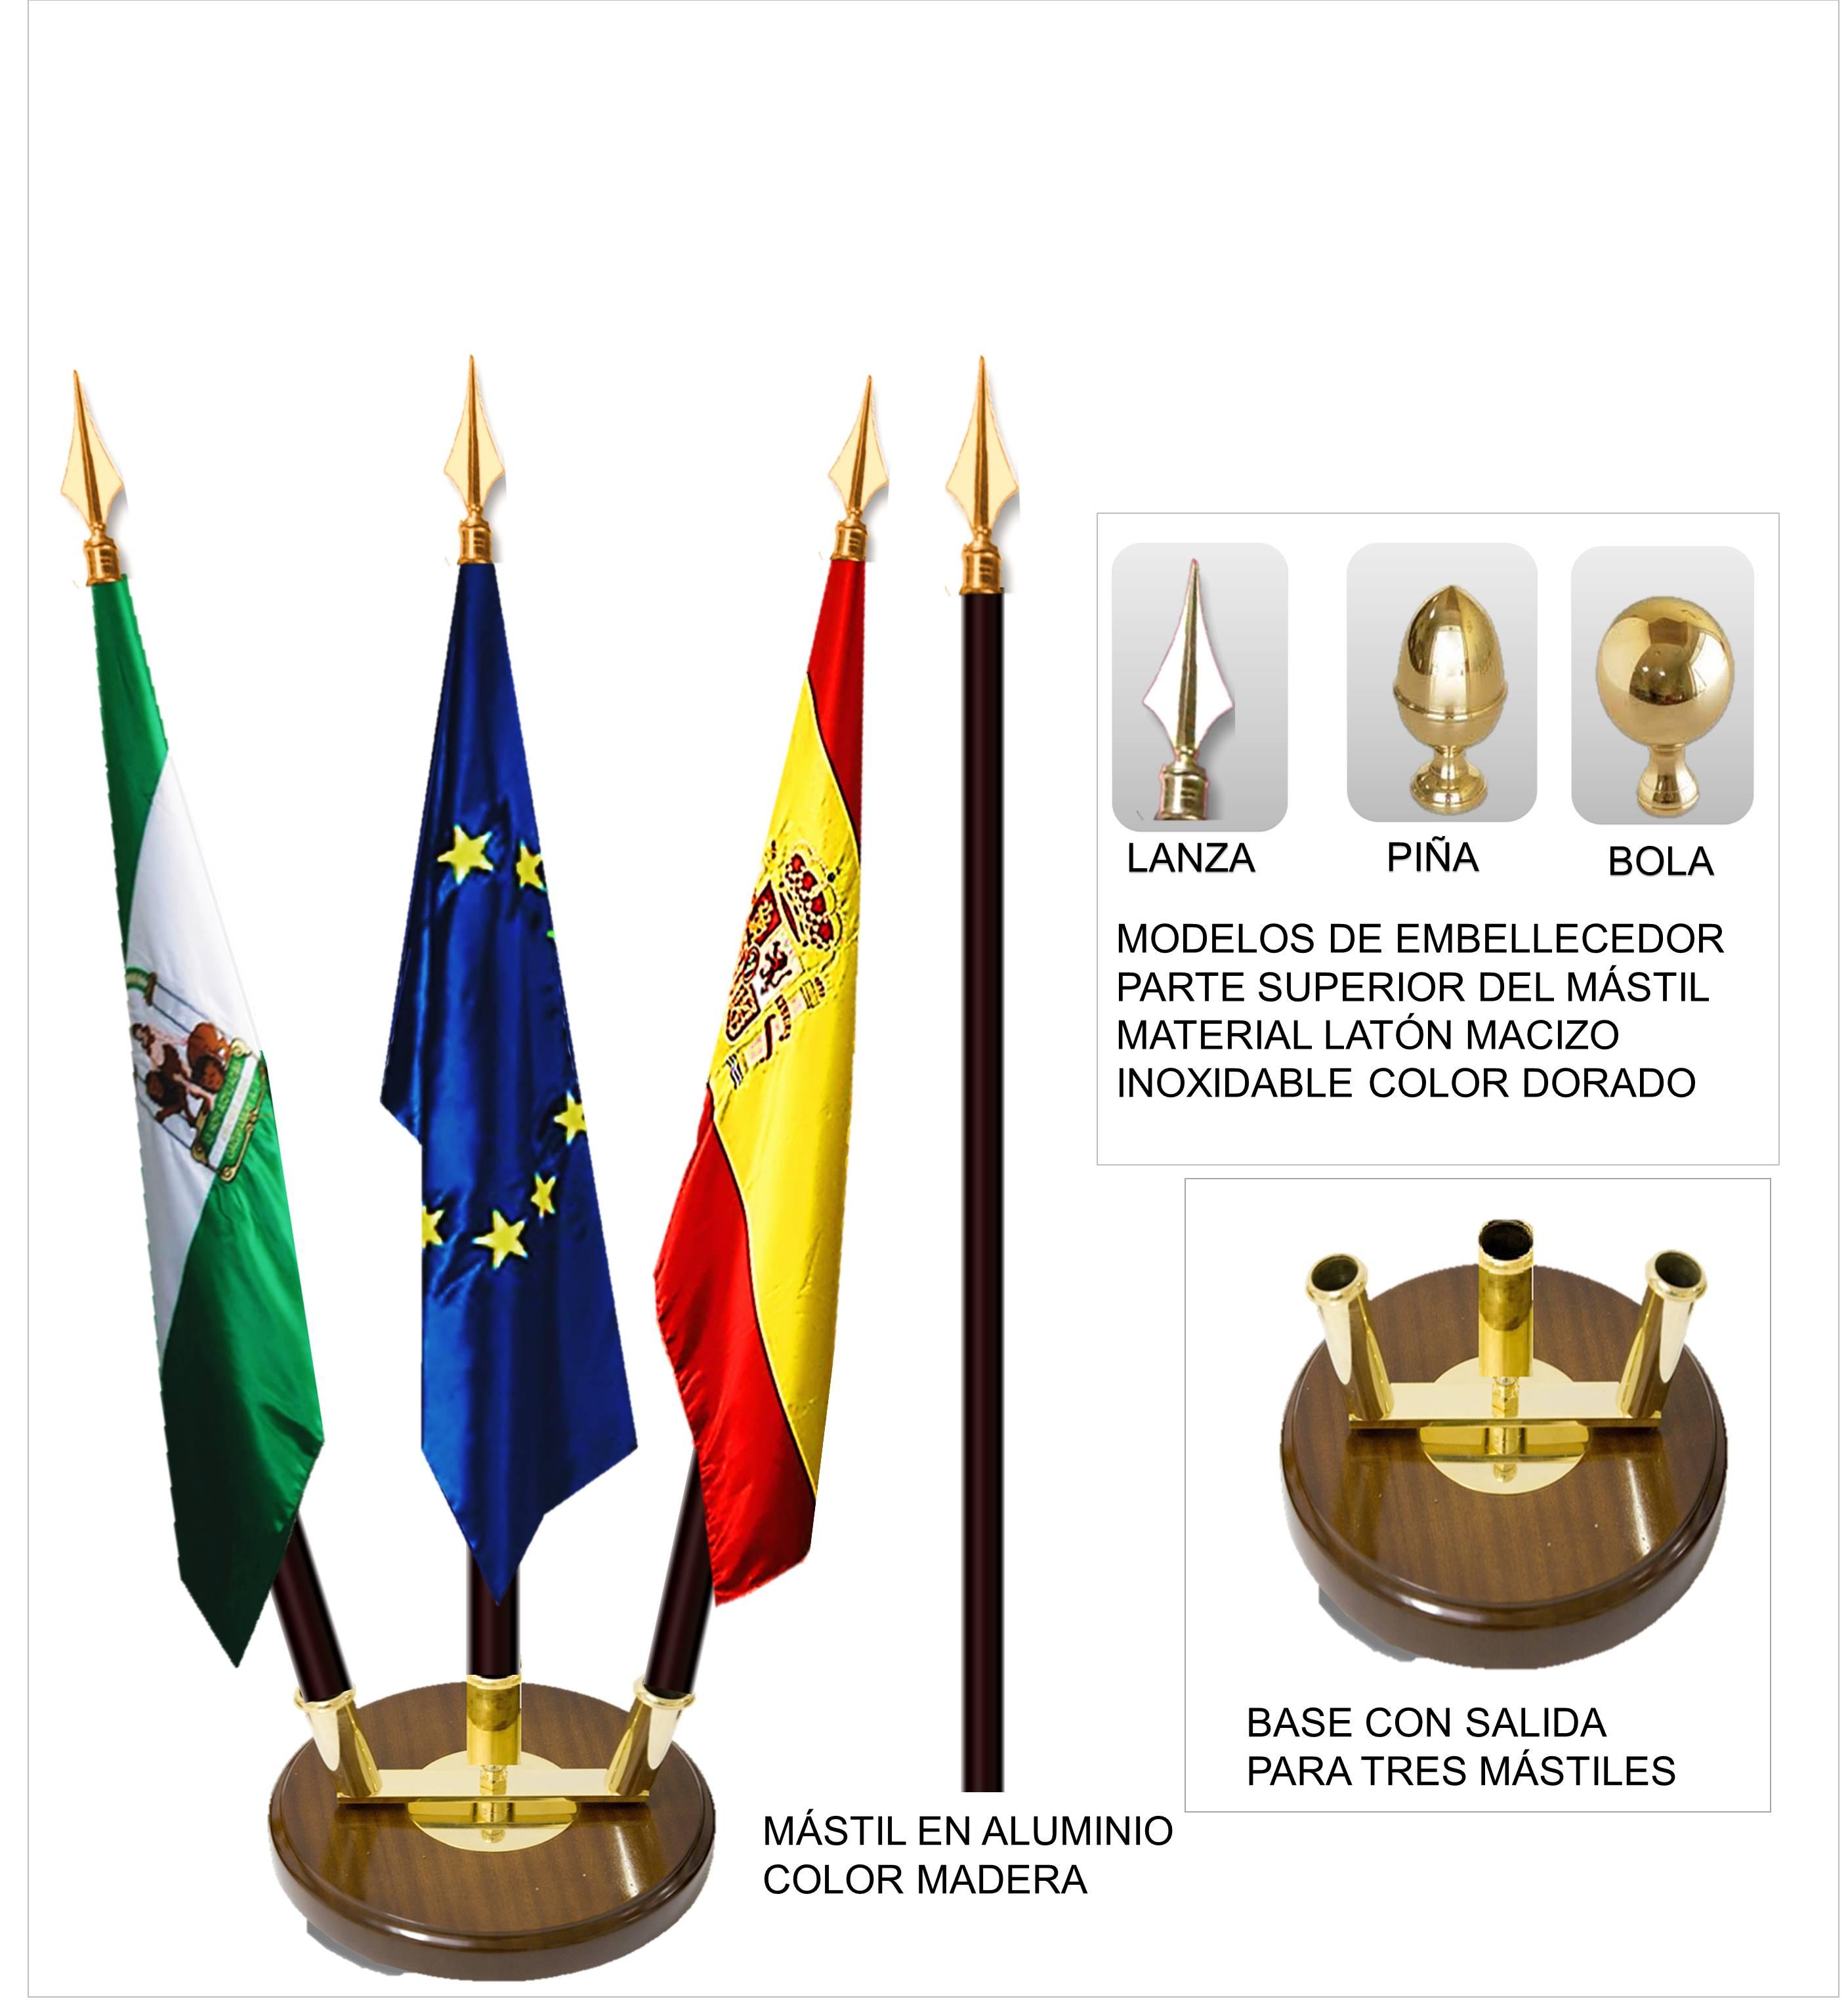 MASTILES DE INTERIORES MODELO 01230